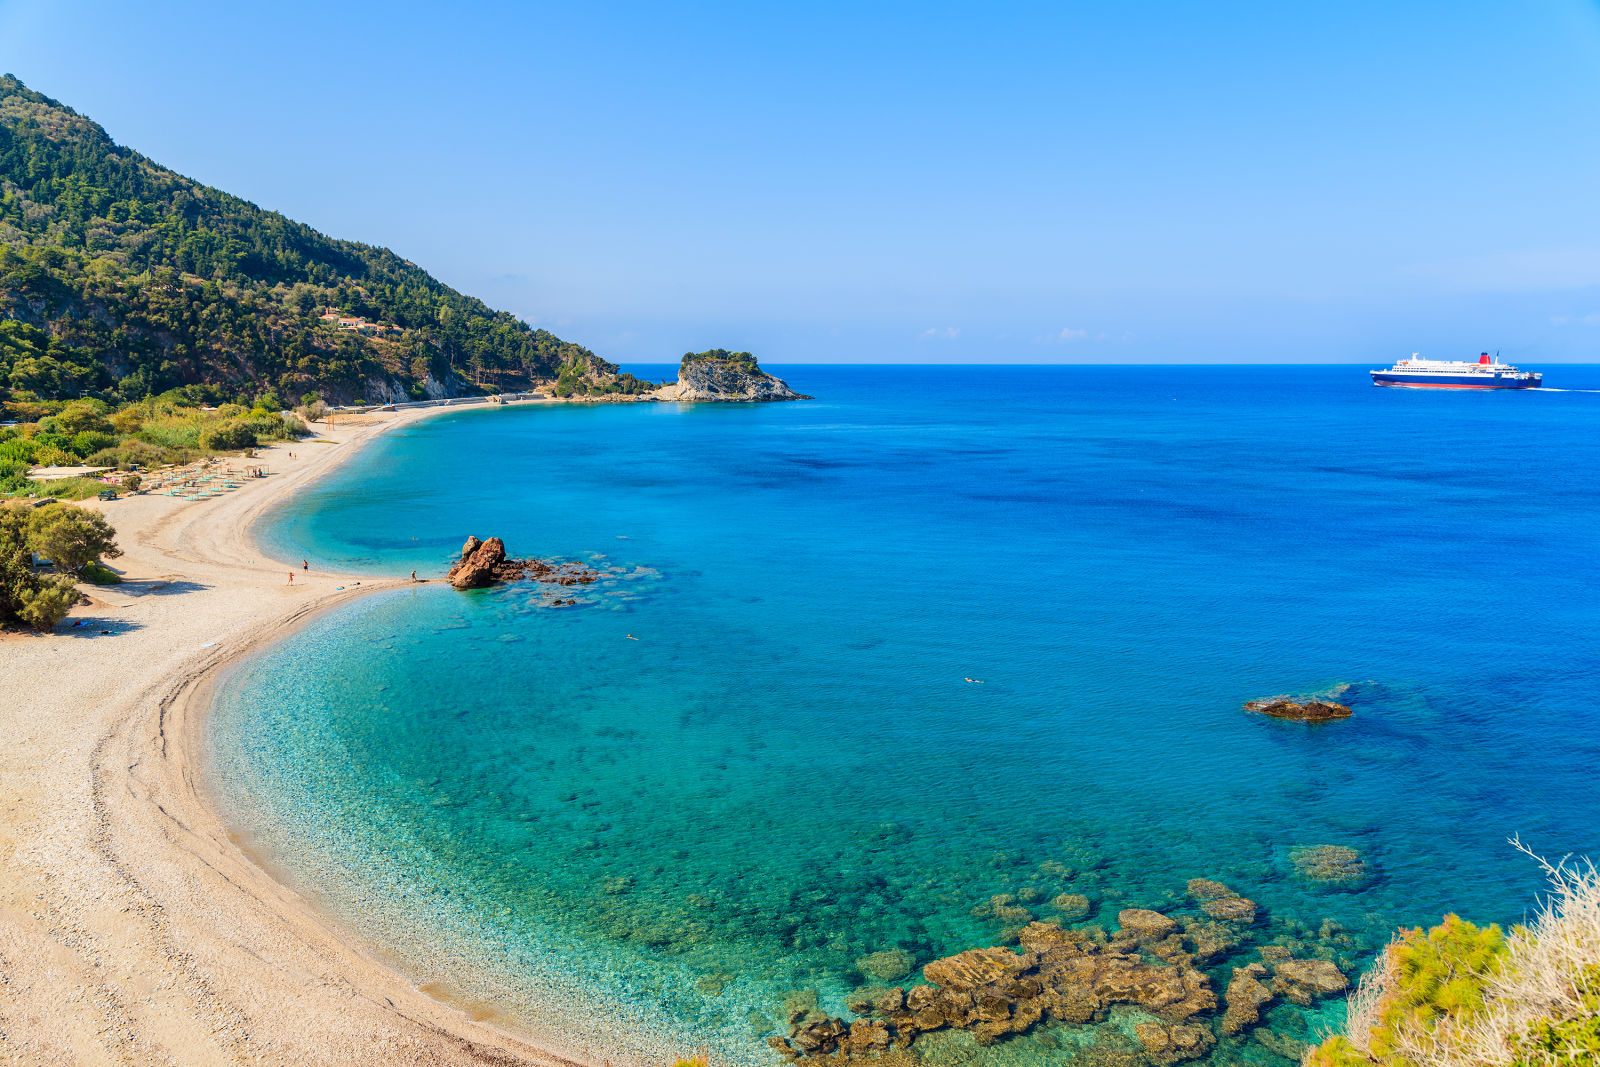 Blick auf den Strand in  Potami mit azurblauem Wasser, Insel Samos, Griechenland